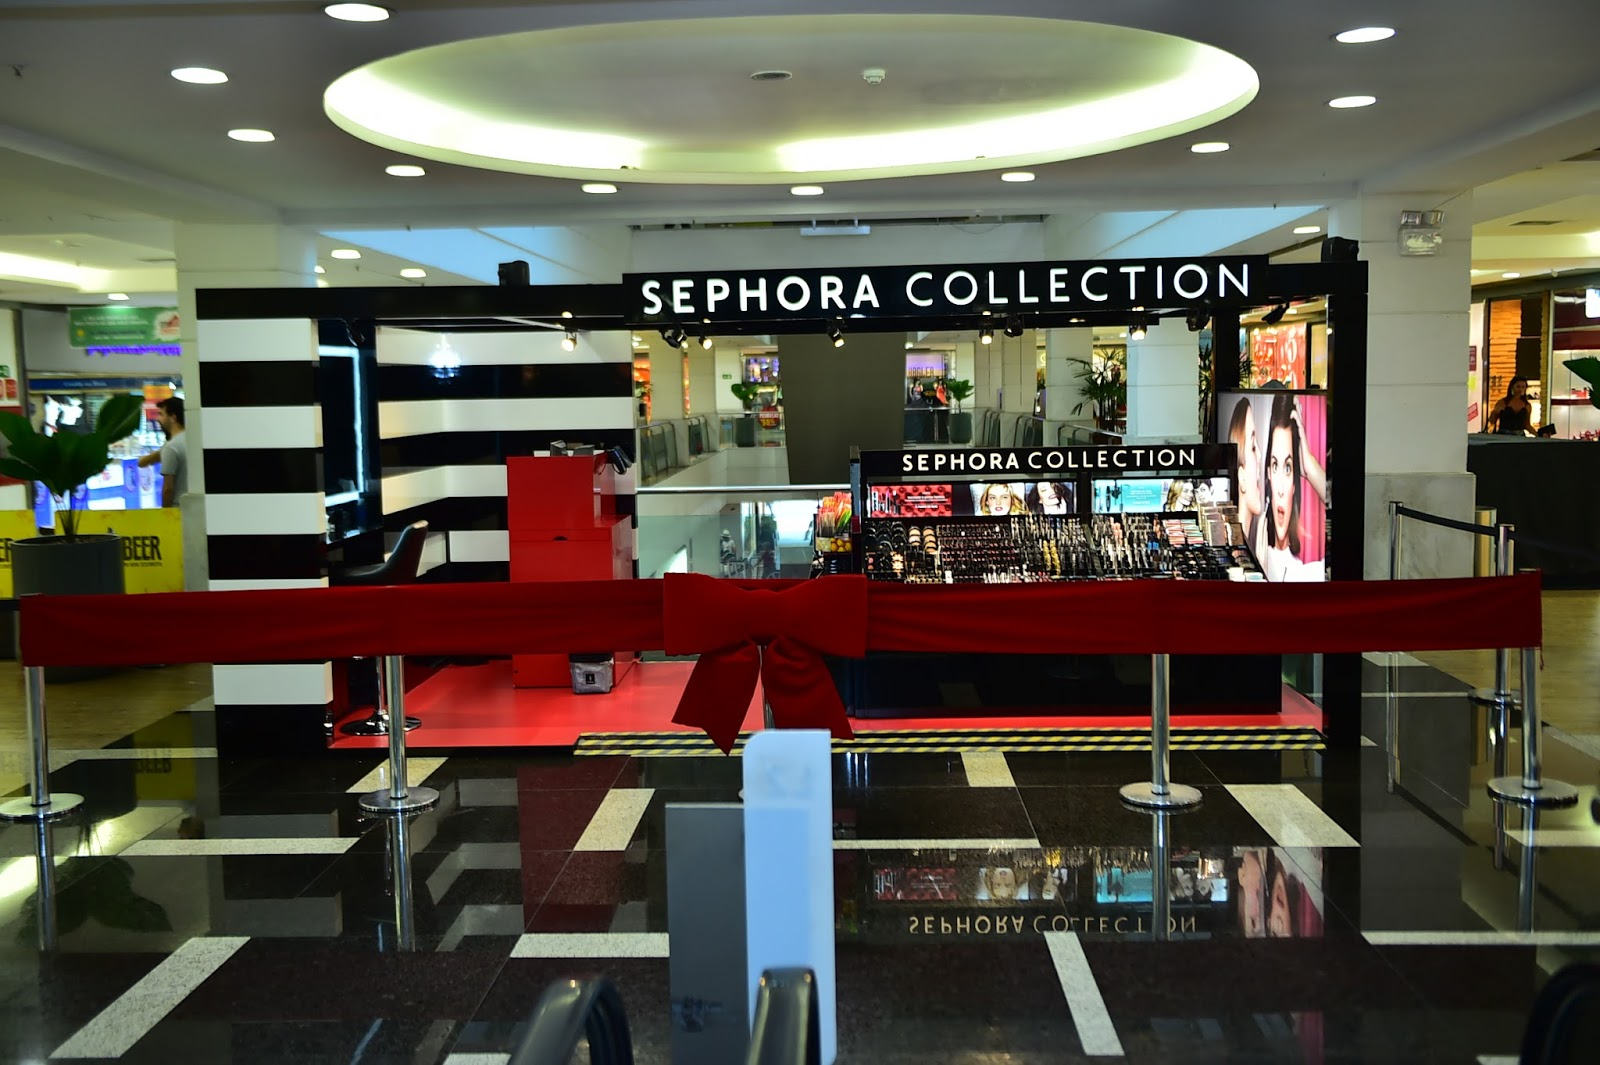 13c58fef567 Conheça a primeira pop up store Sephora Collection do Rio de Janeiro ...